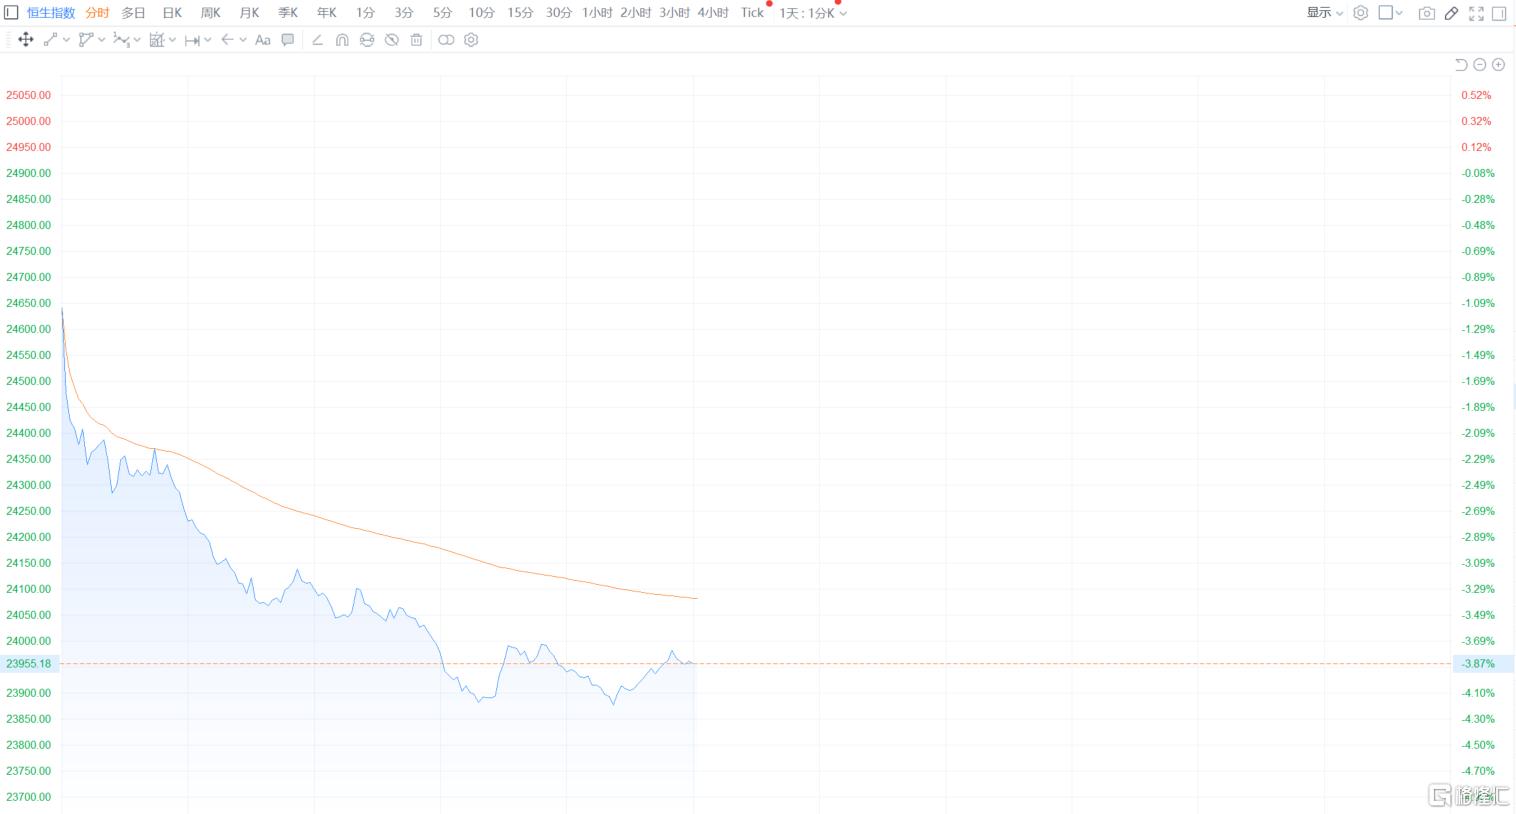 港股午评:恒指跌3.87%失守24000点大关,地产股、金融股等板块集体重挫插图